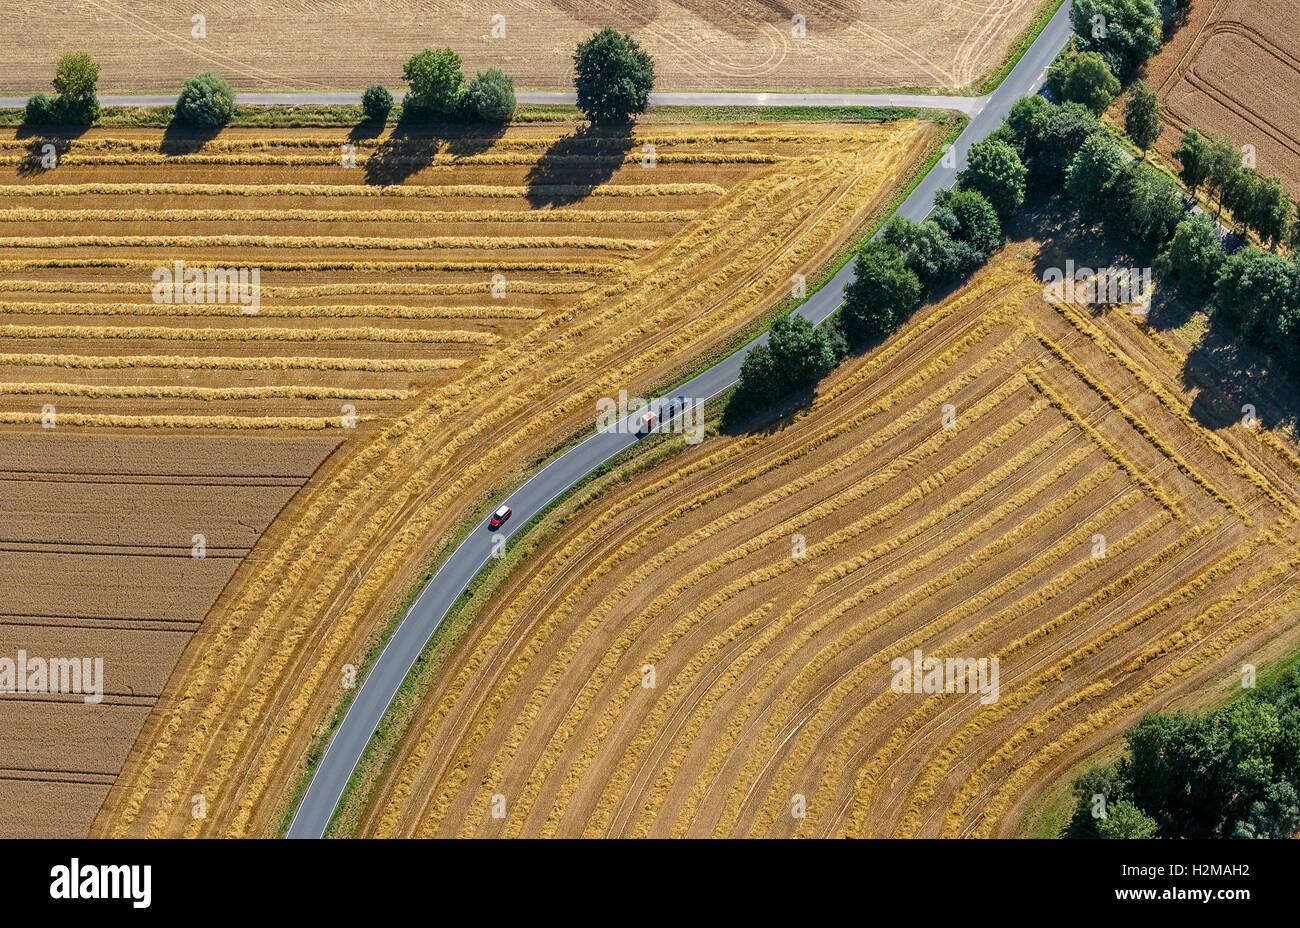 Photo aérienne, fourche, carrefour de la route de la route, les champs récoltés, les routes de campagne, Photo Stock